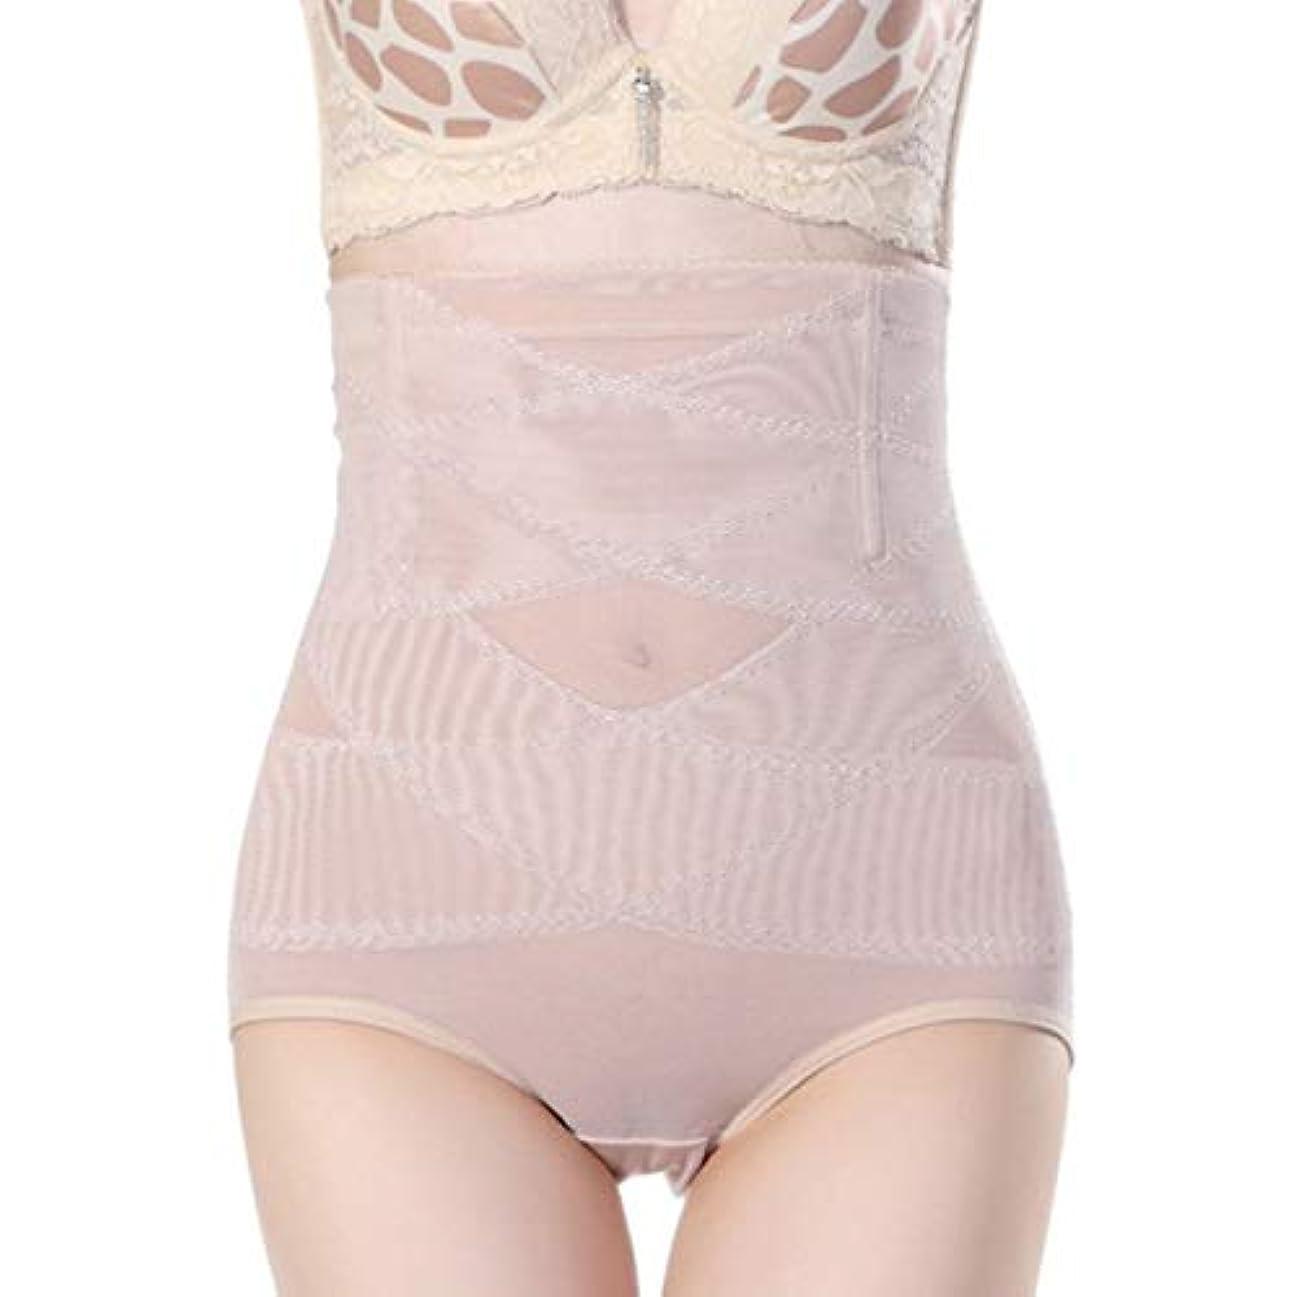 兄別々に申請者腹部制御下着シームレスおなかコントロールパンティーバットリフターボディシェイパーを痩身通気性のハイウエストの女性 - 肌色2 XL